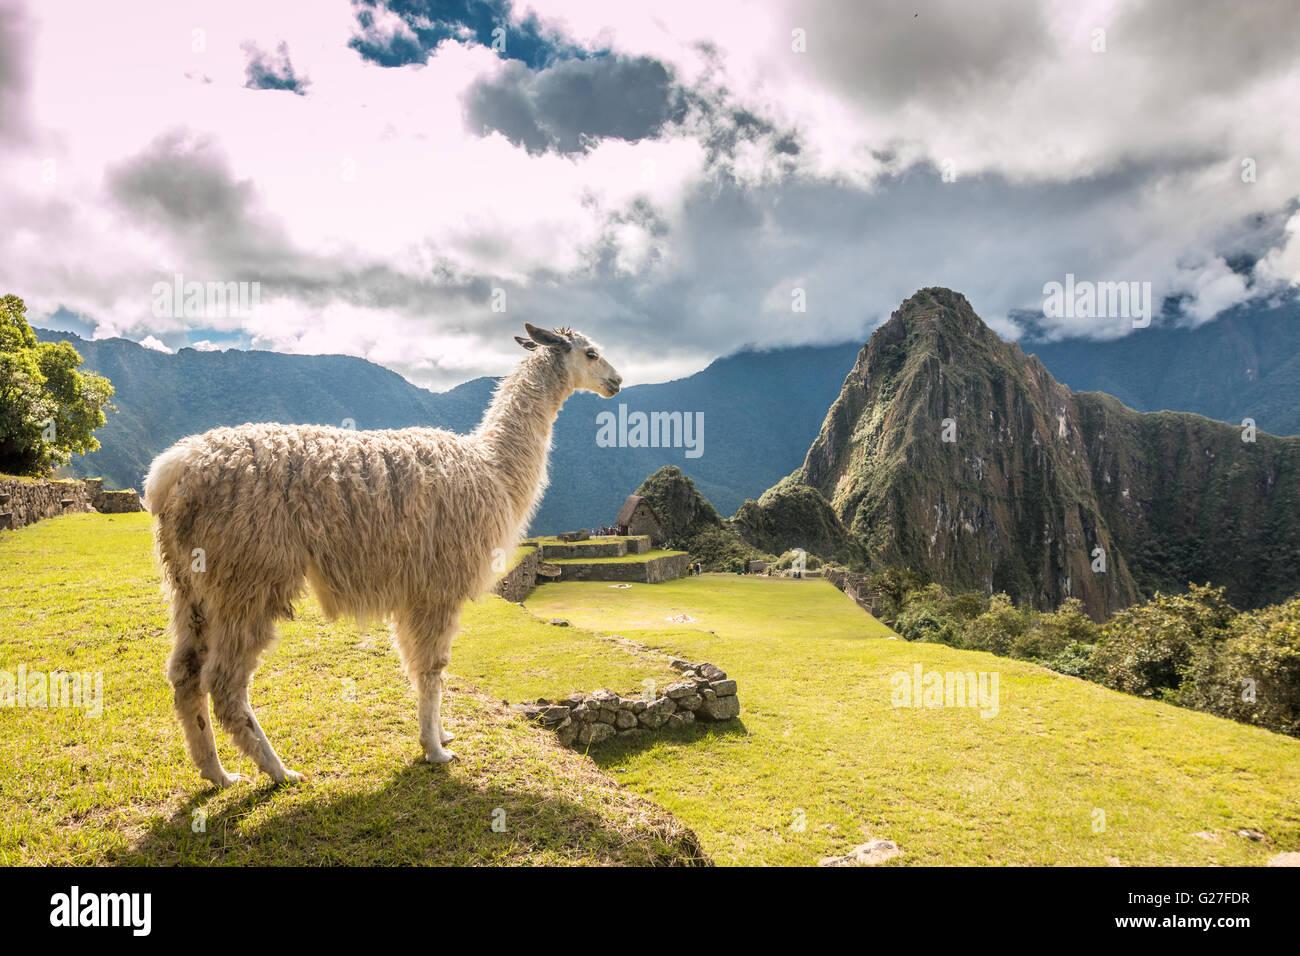 Machu Picchu in Peru - Stock Image